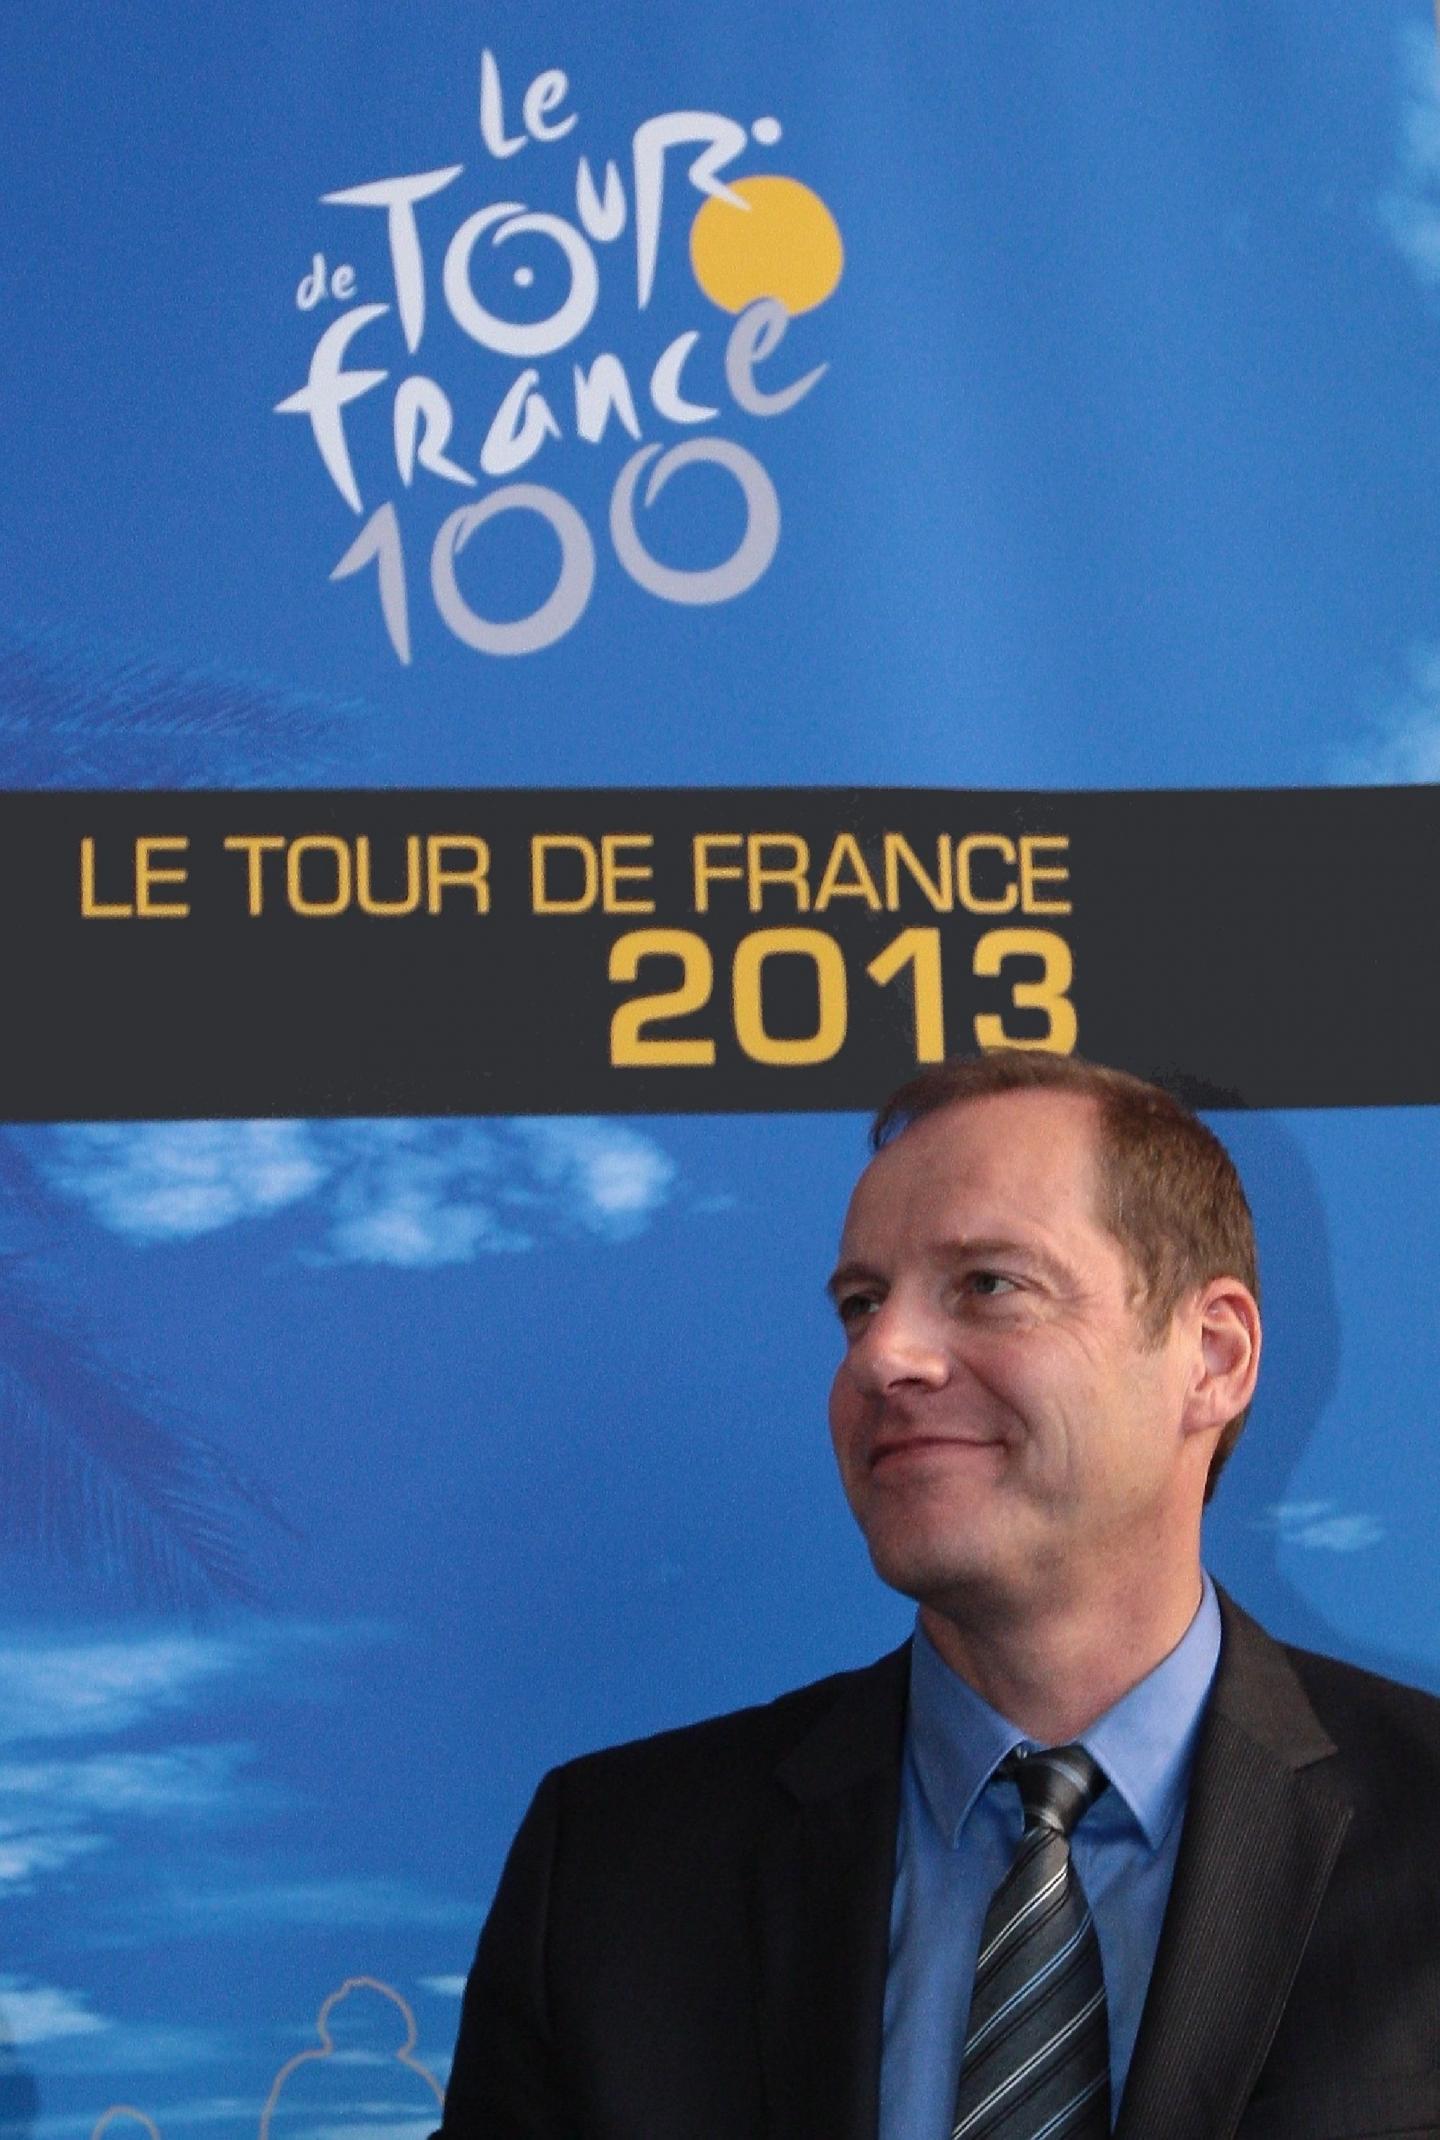 «On croit que le départ du Tour en Corse, c' - 17547348.jpg